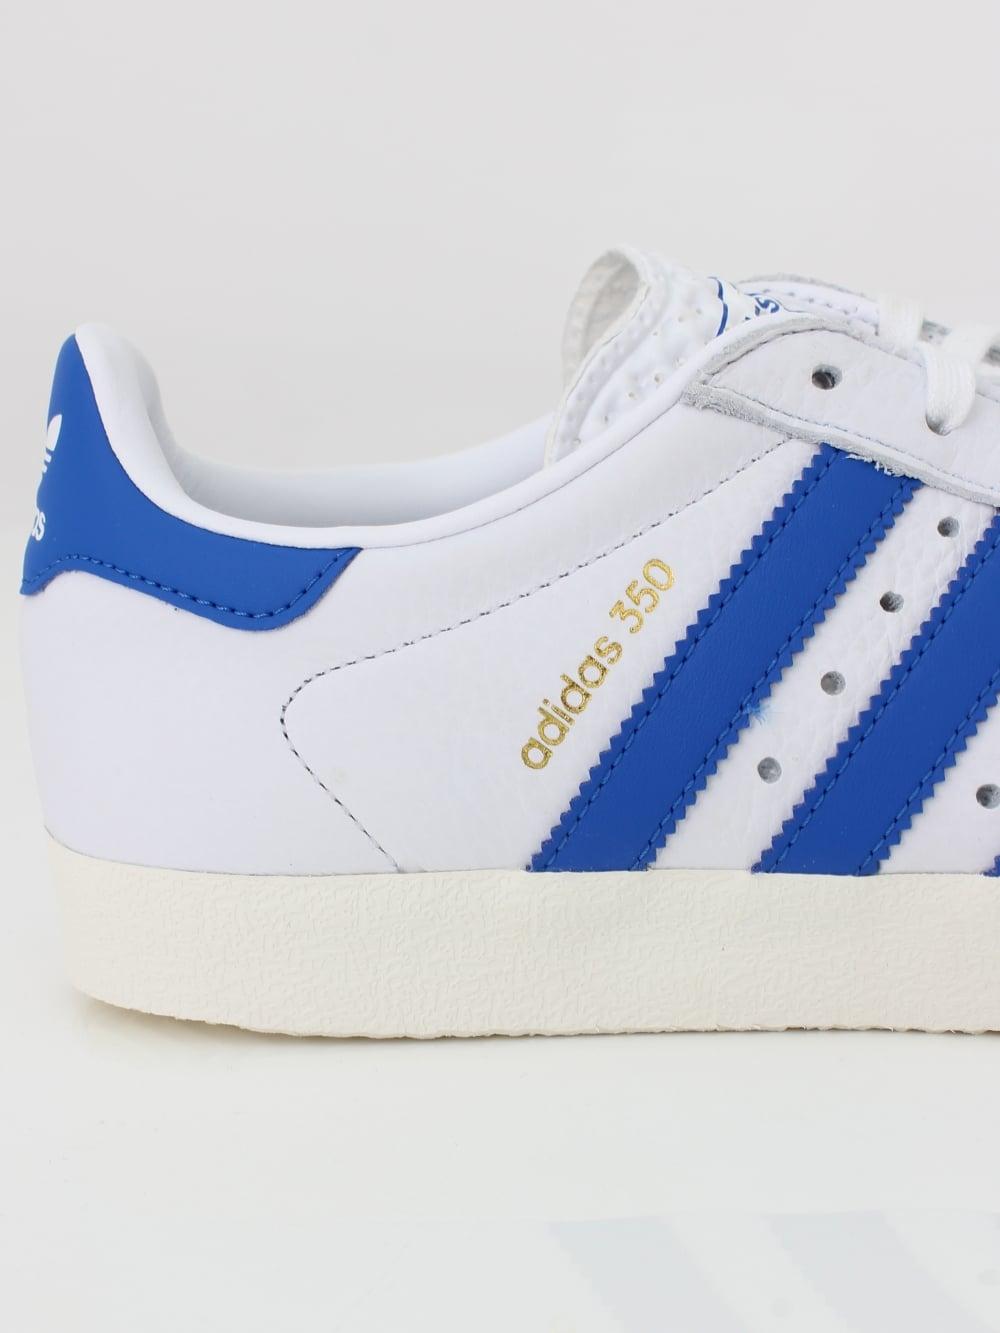 c1c6b19c5 Adidas Adidas 350 in White